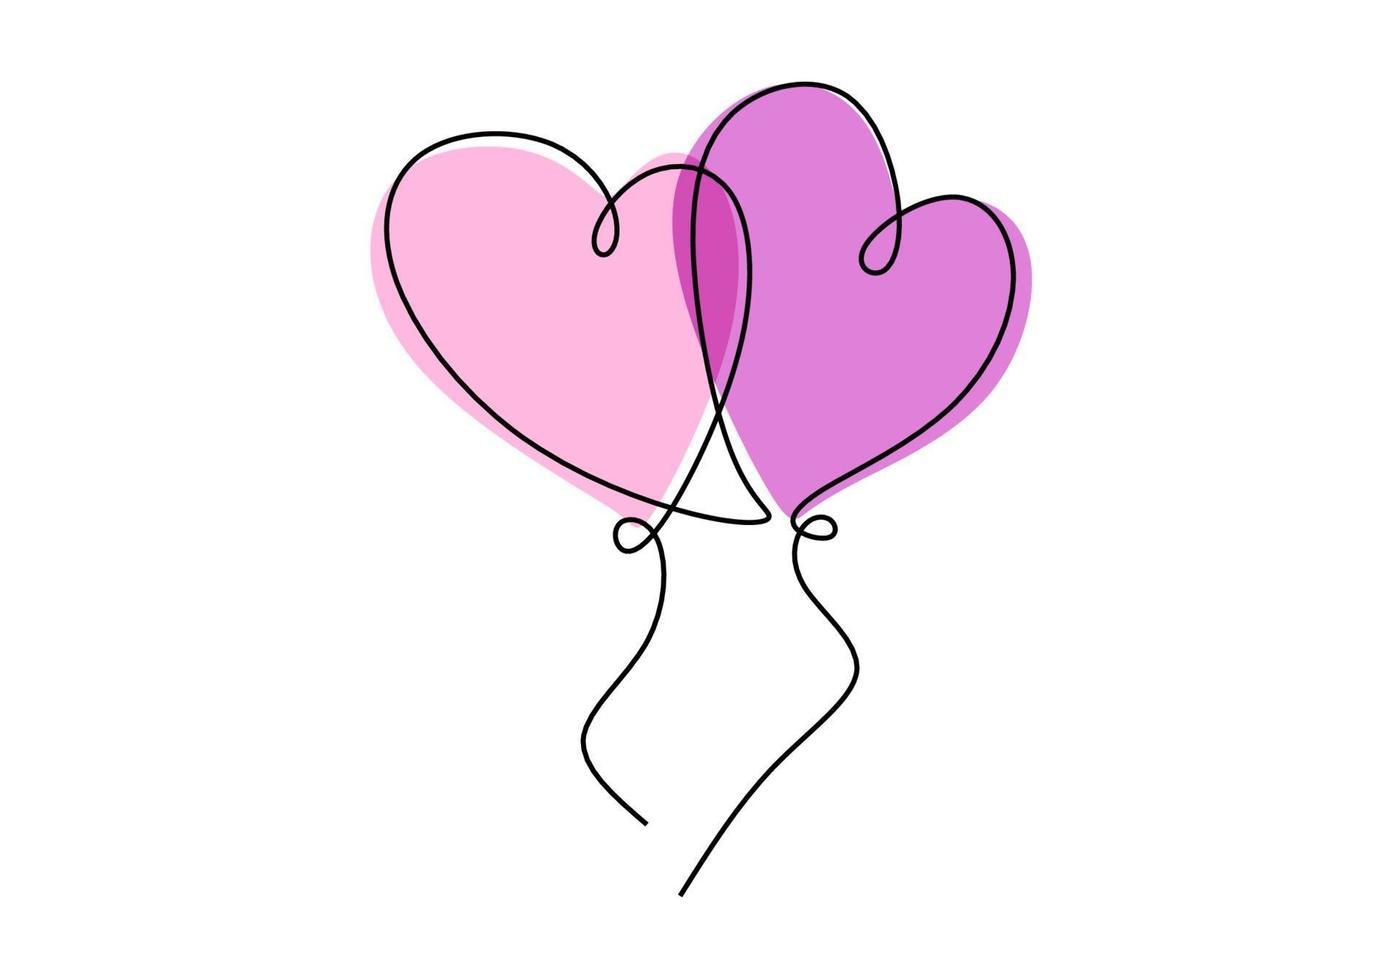 um desenho de linha contínua de dois balões em forma de coração no ar. conceito de cartão de convite de casamento romântico isolado no fundo branco. feliz Dia dos namorados. ilustração vetorial desenhada à mão vetor